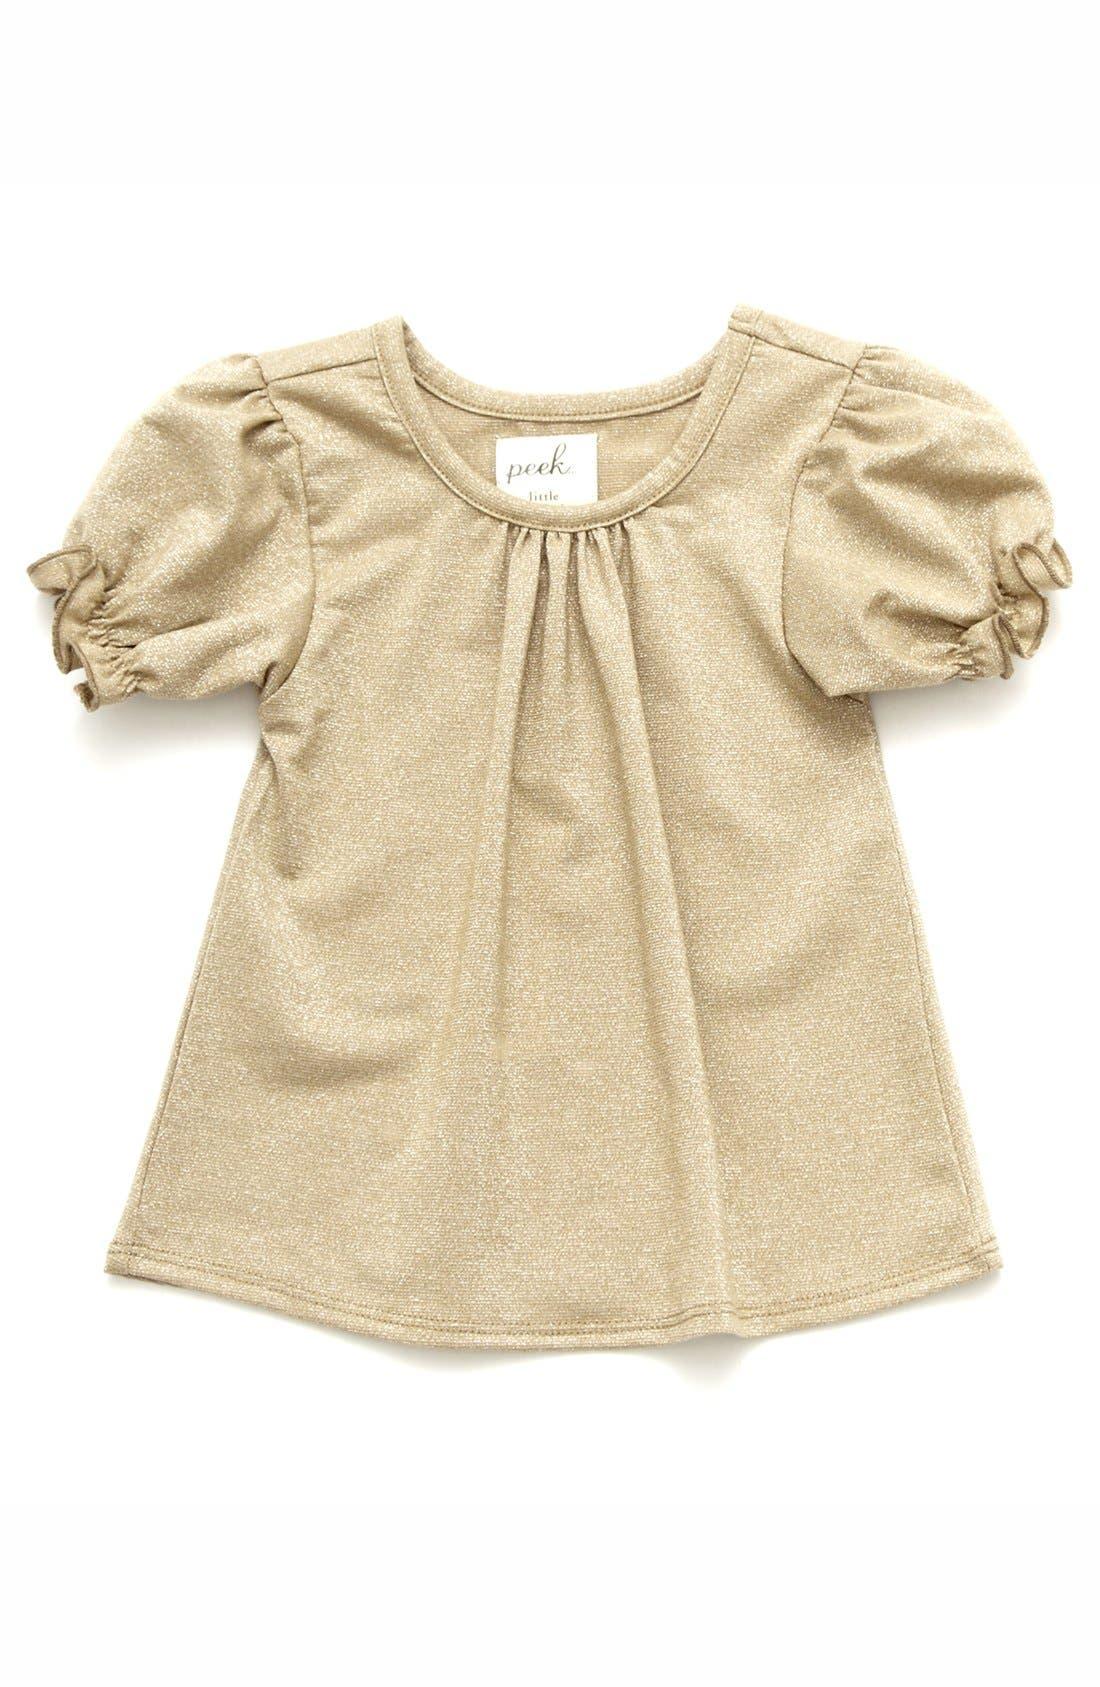 Alternate Image 1 Selected - Peek 'New Royal' Tee (Baby Girls)